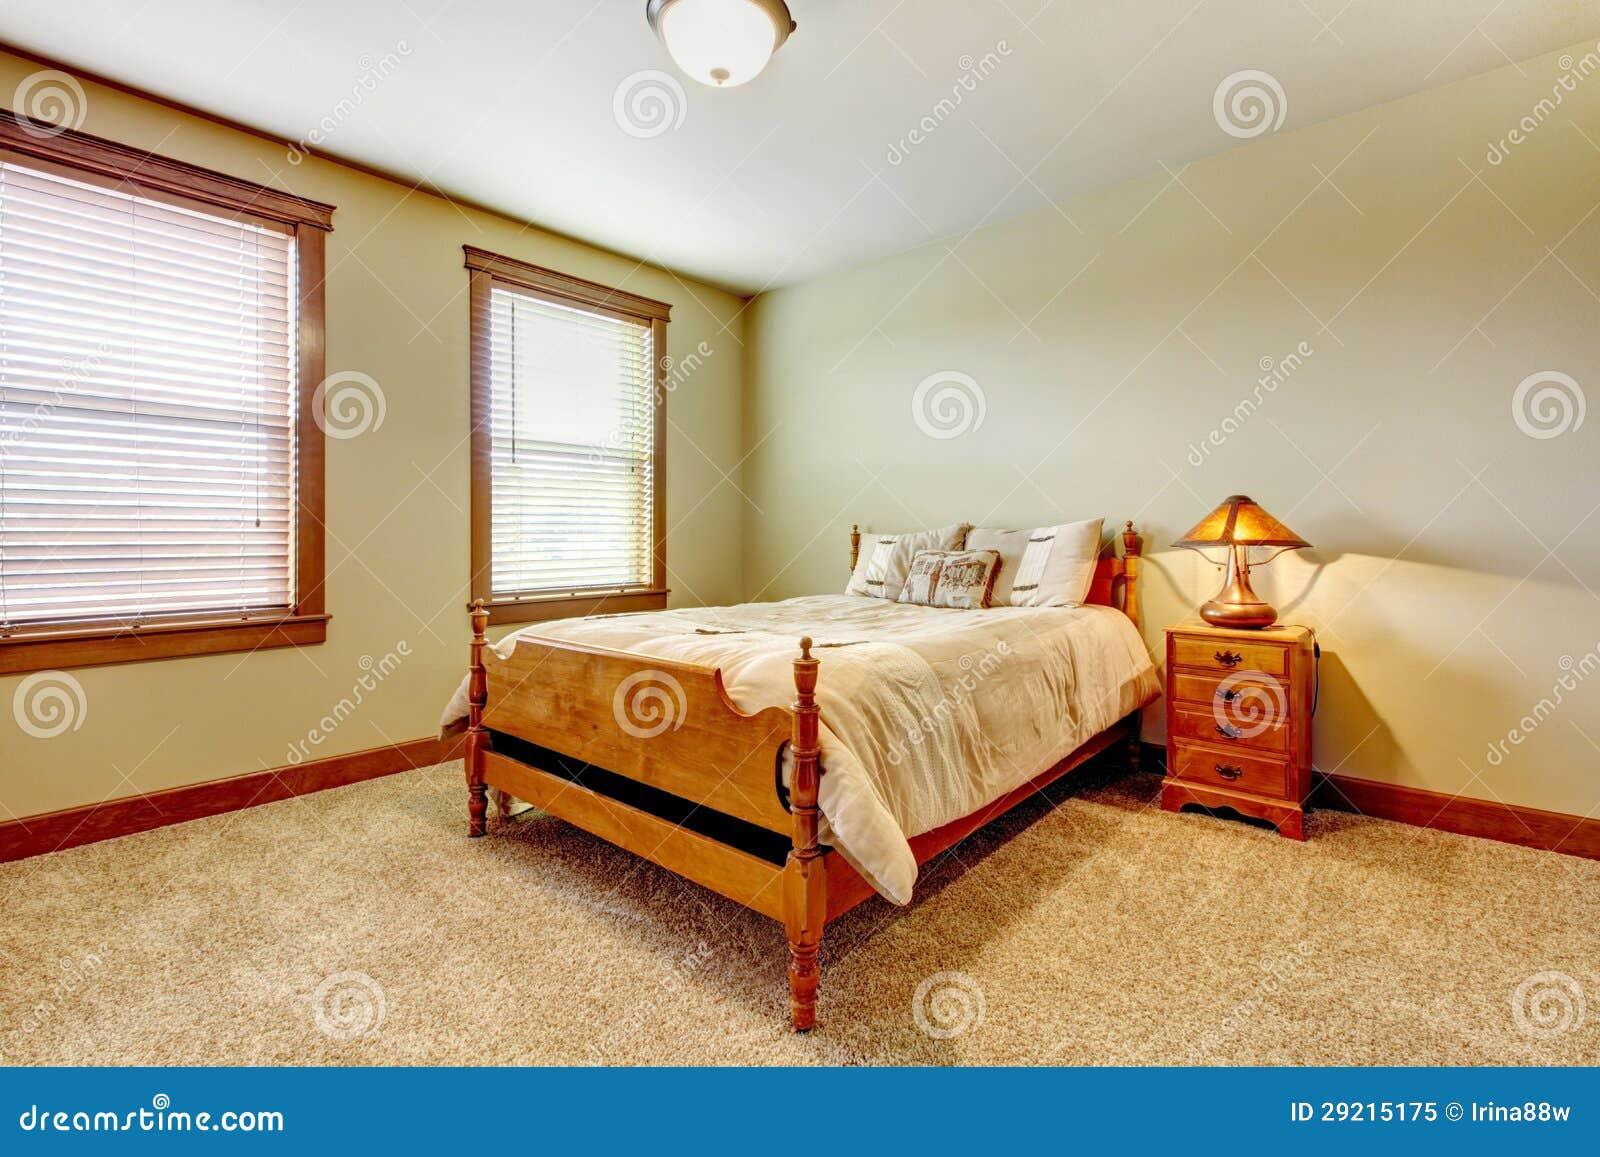 Pareti Beige Tortora : Pareti color tortora beige amazing arredare casa sos colori with